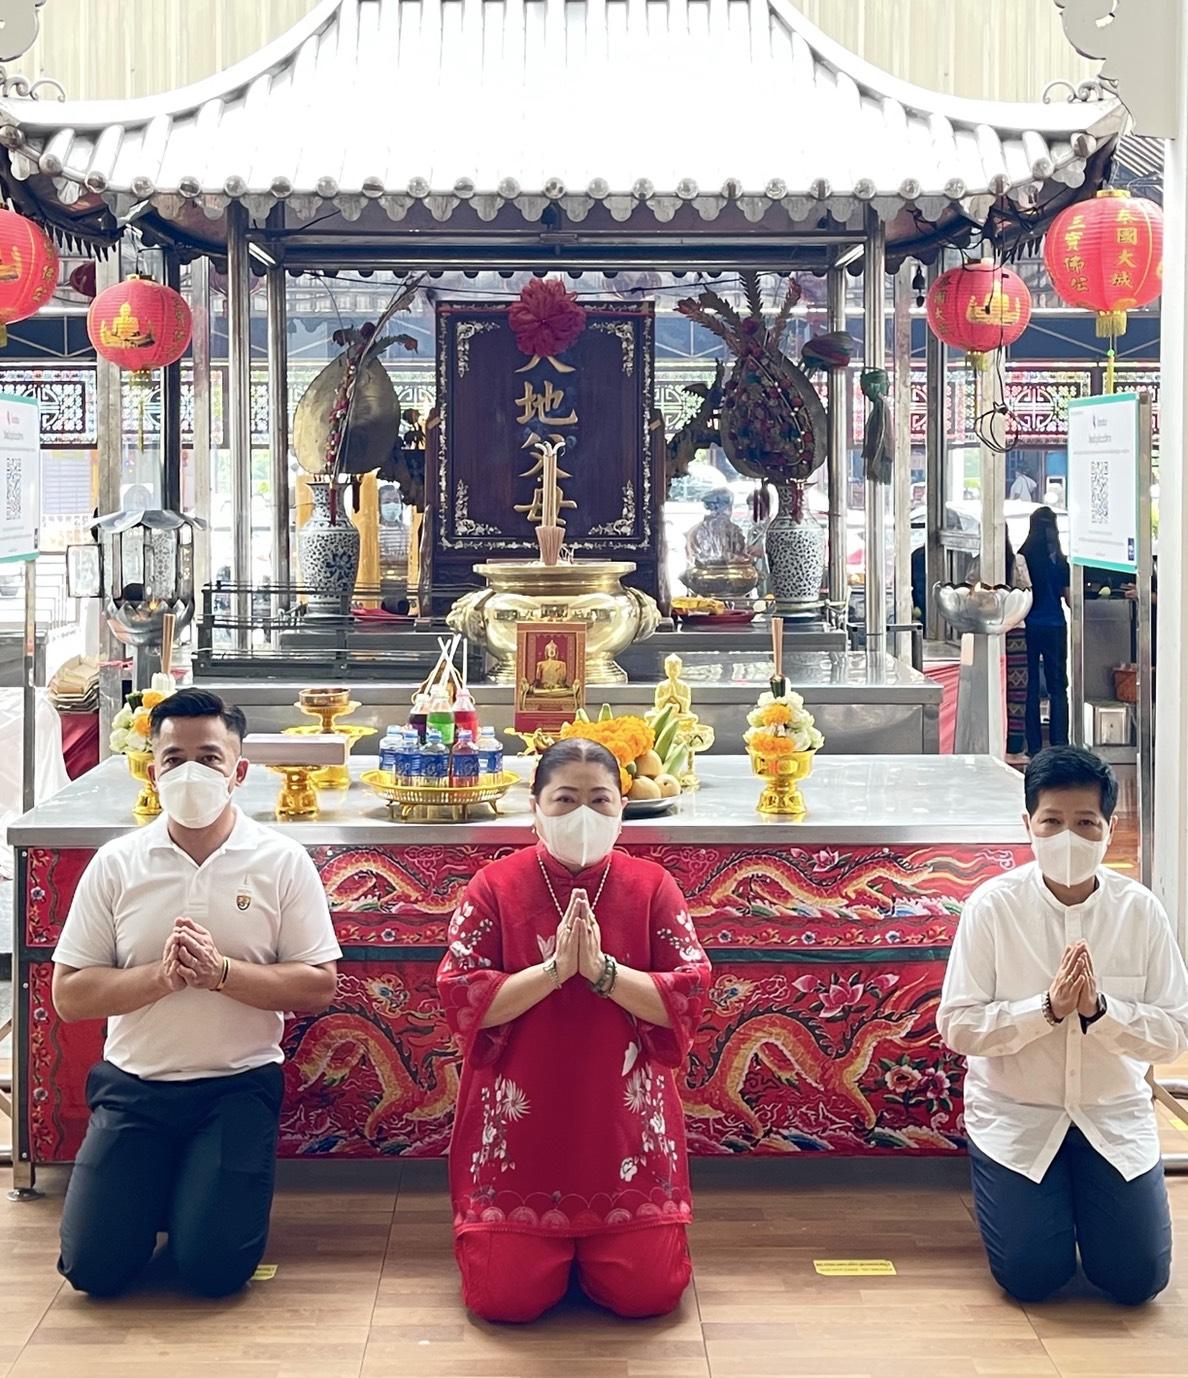 พลังบุญทิพยร่วมสร้างครั้งที่ 179 วันวิสาขบูชา